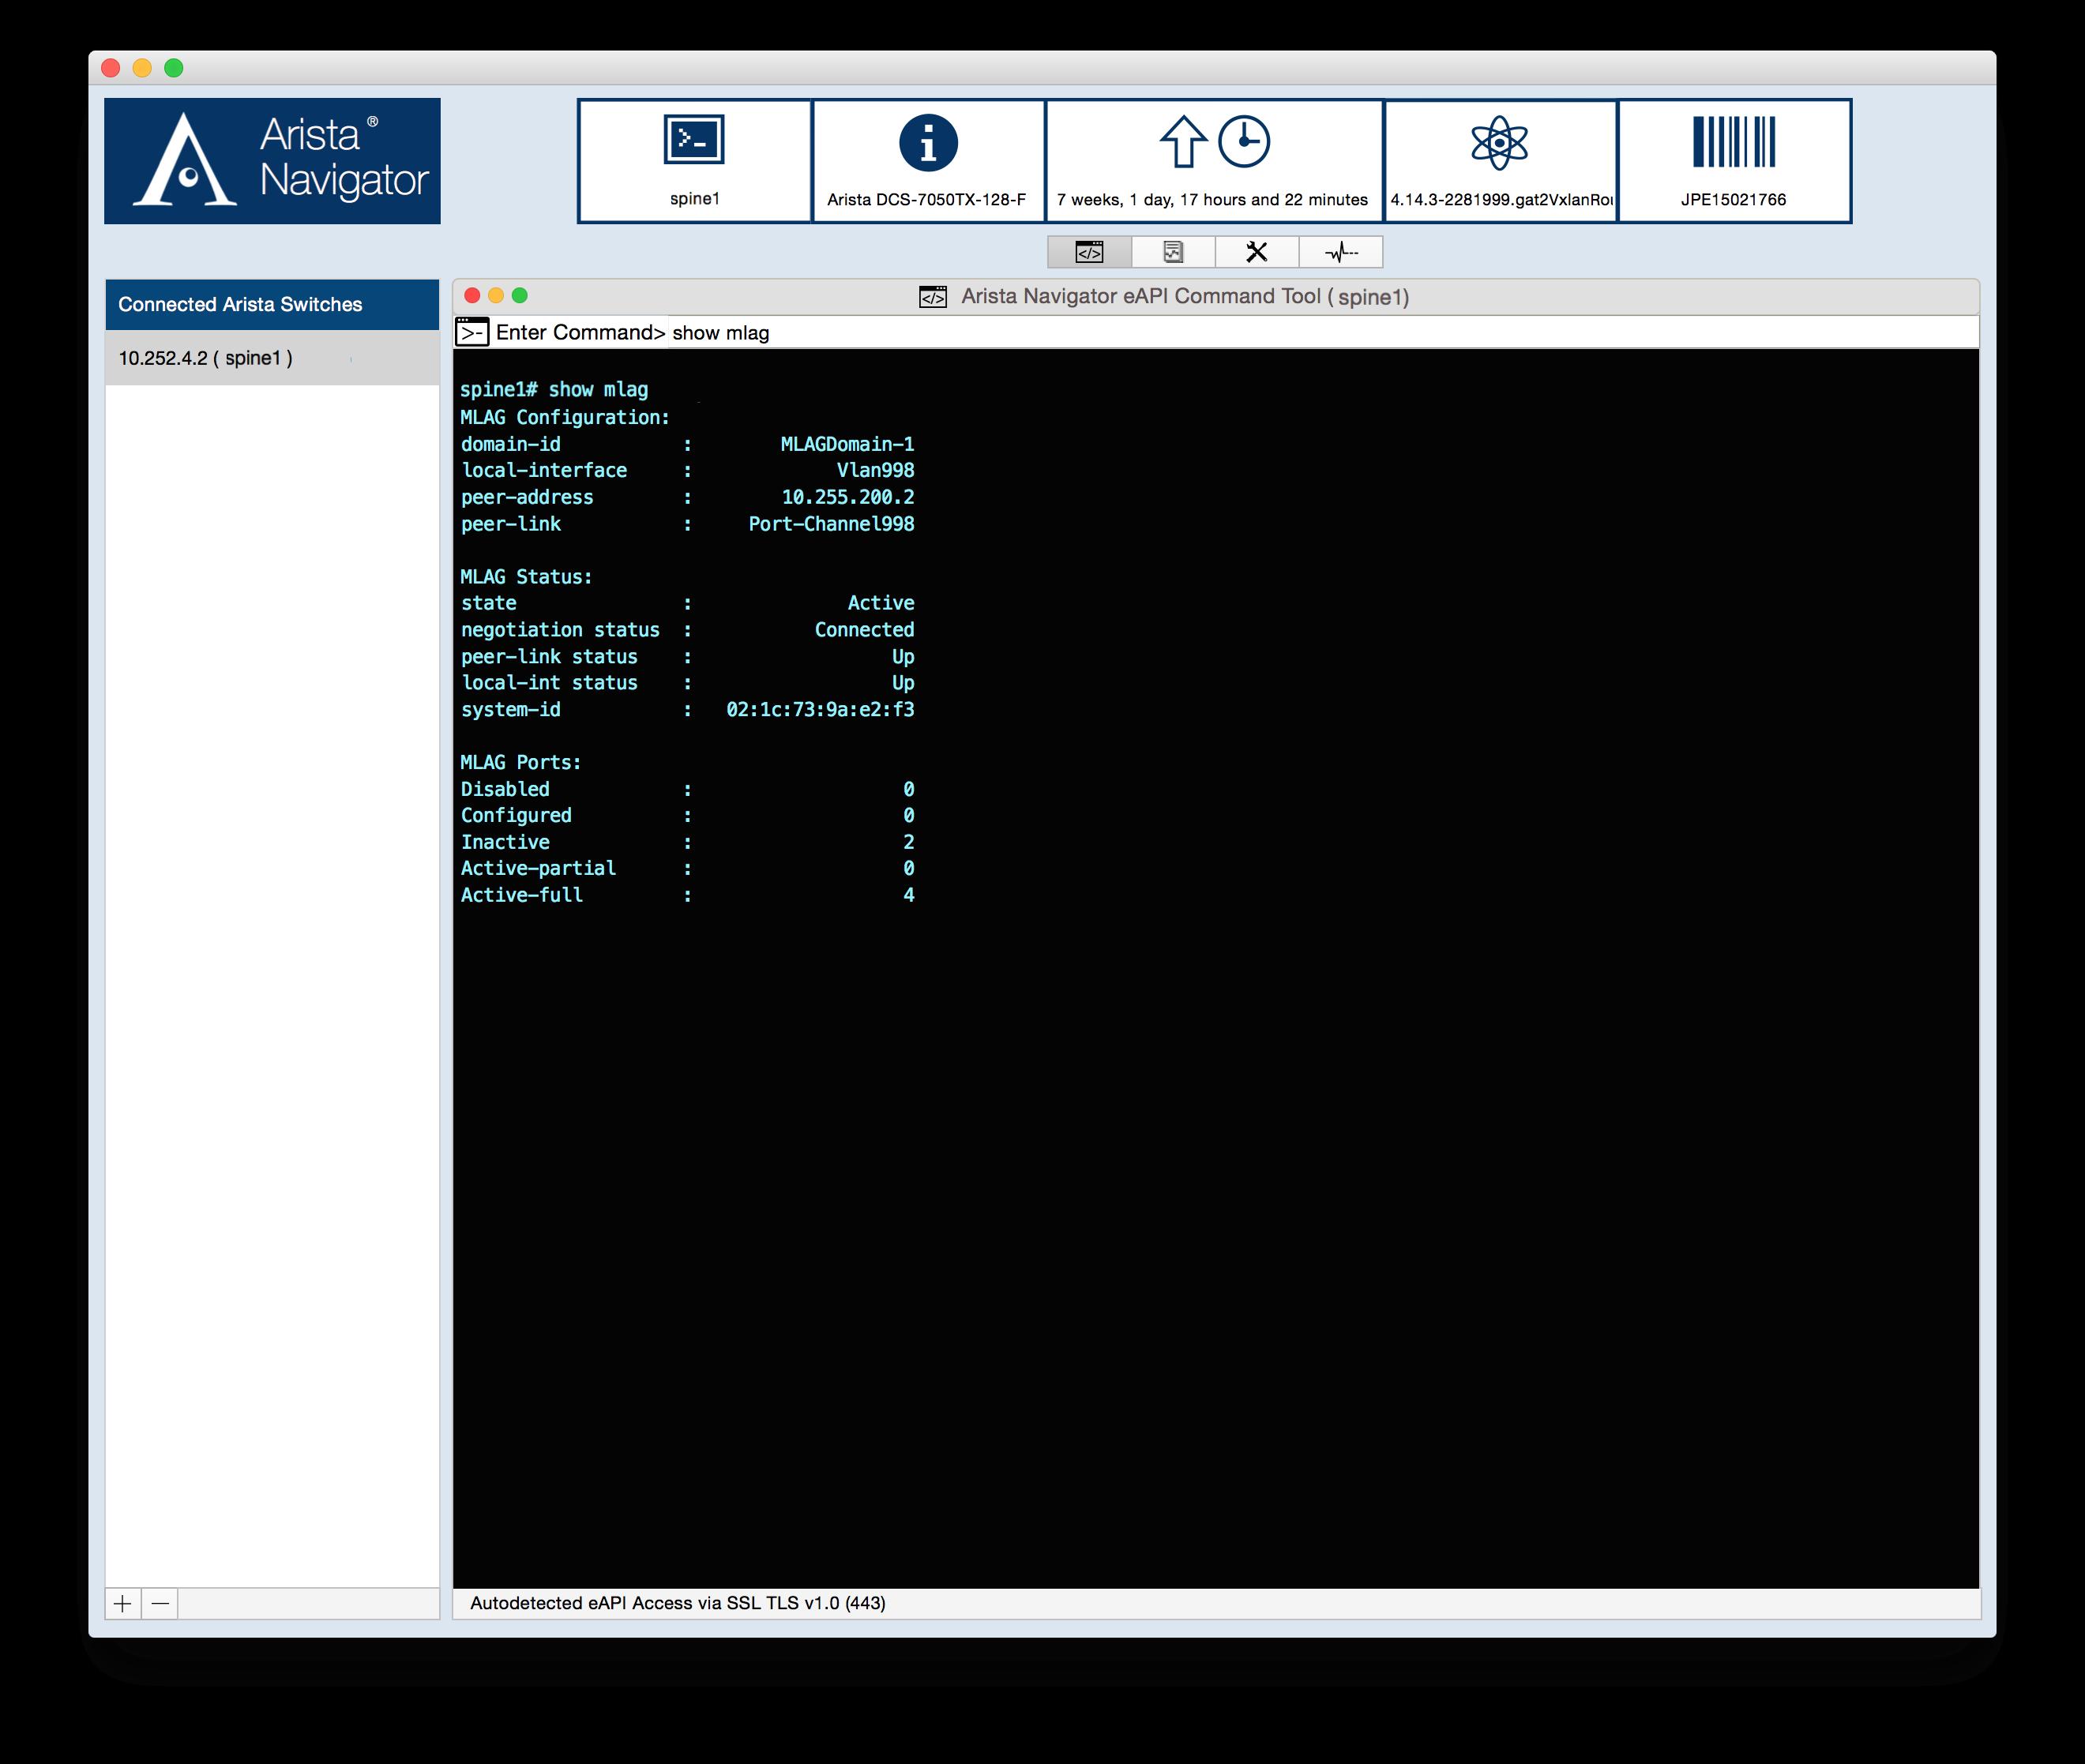 Arista Navigator sample screen output.